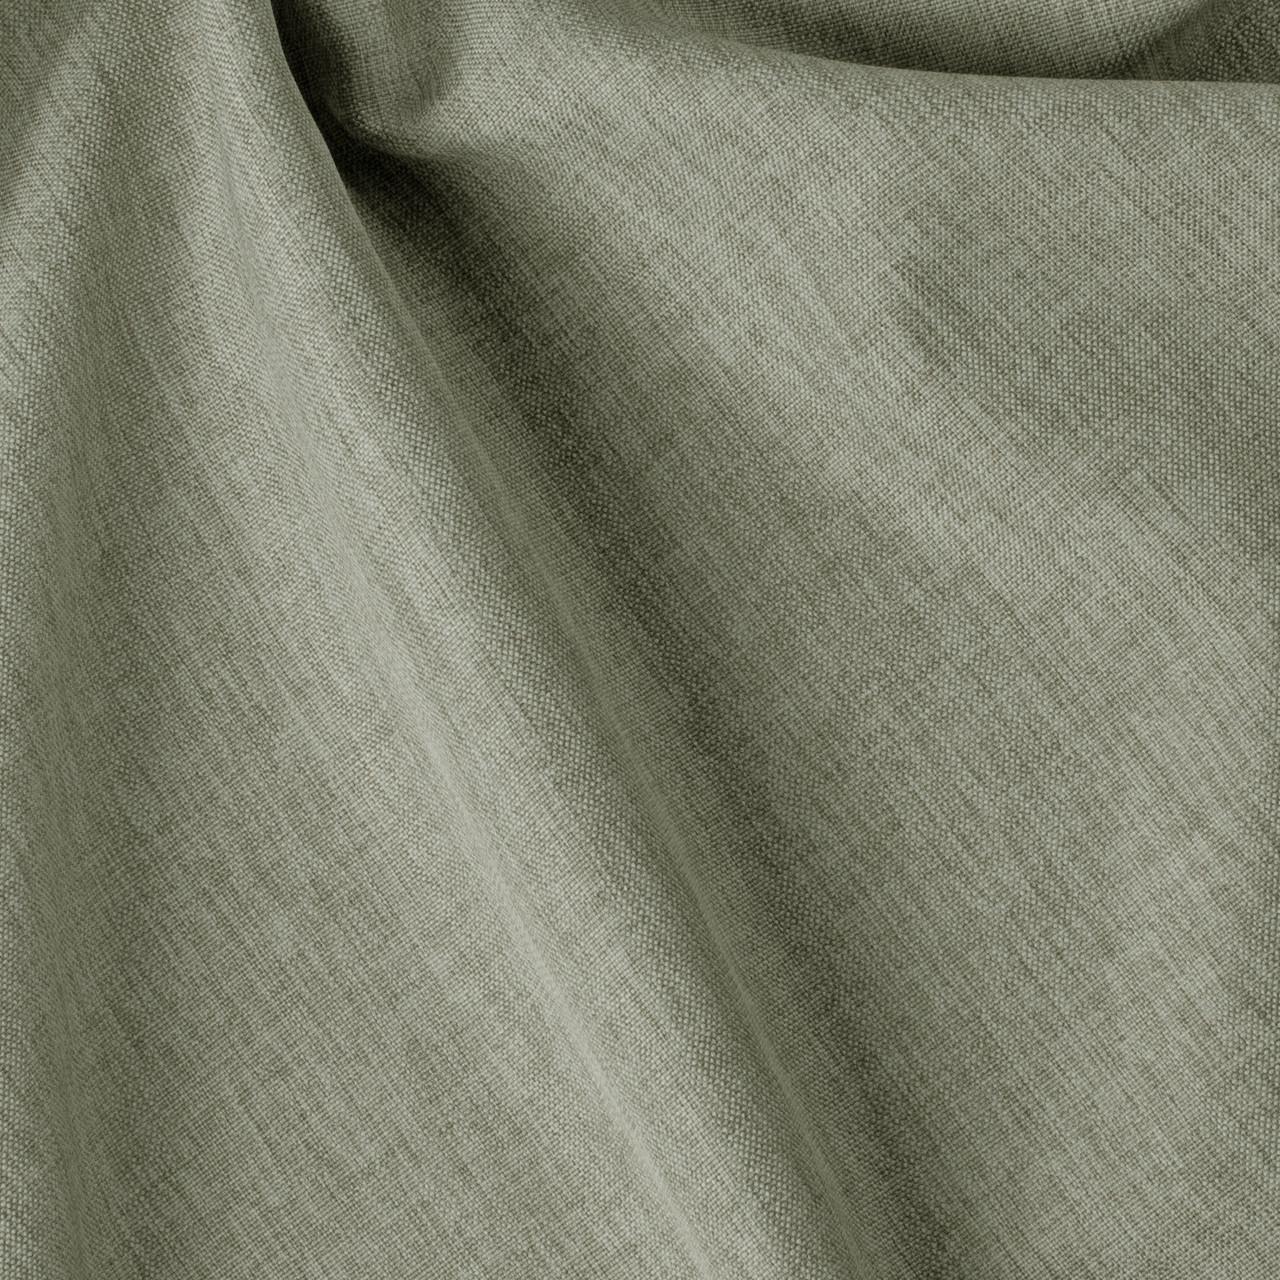 Декоративна однотонна рогожка сірого кольору Туреччина 84473v28